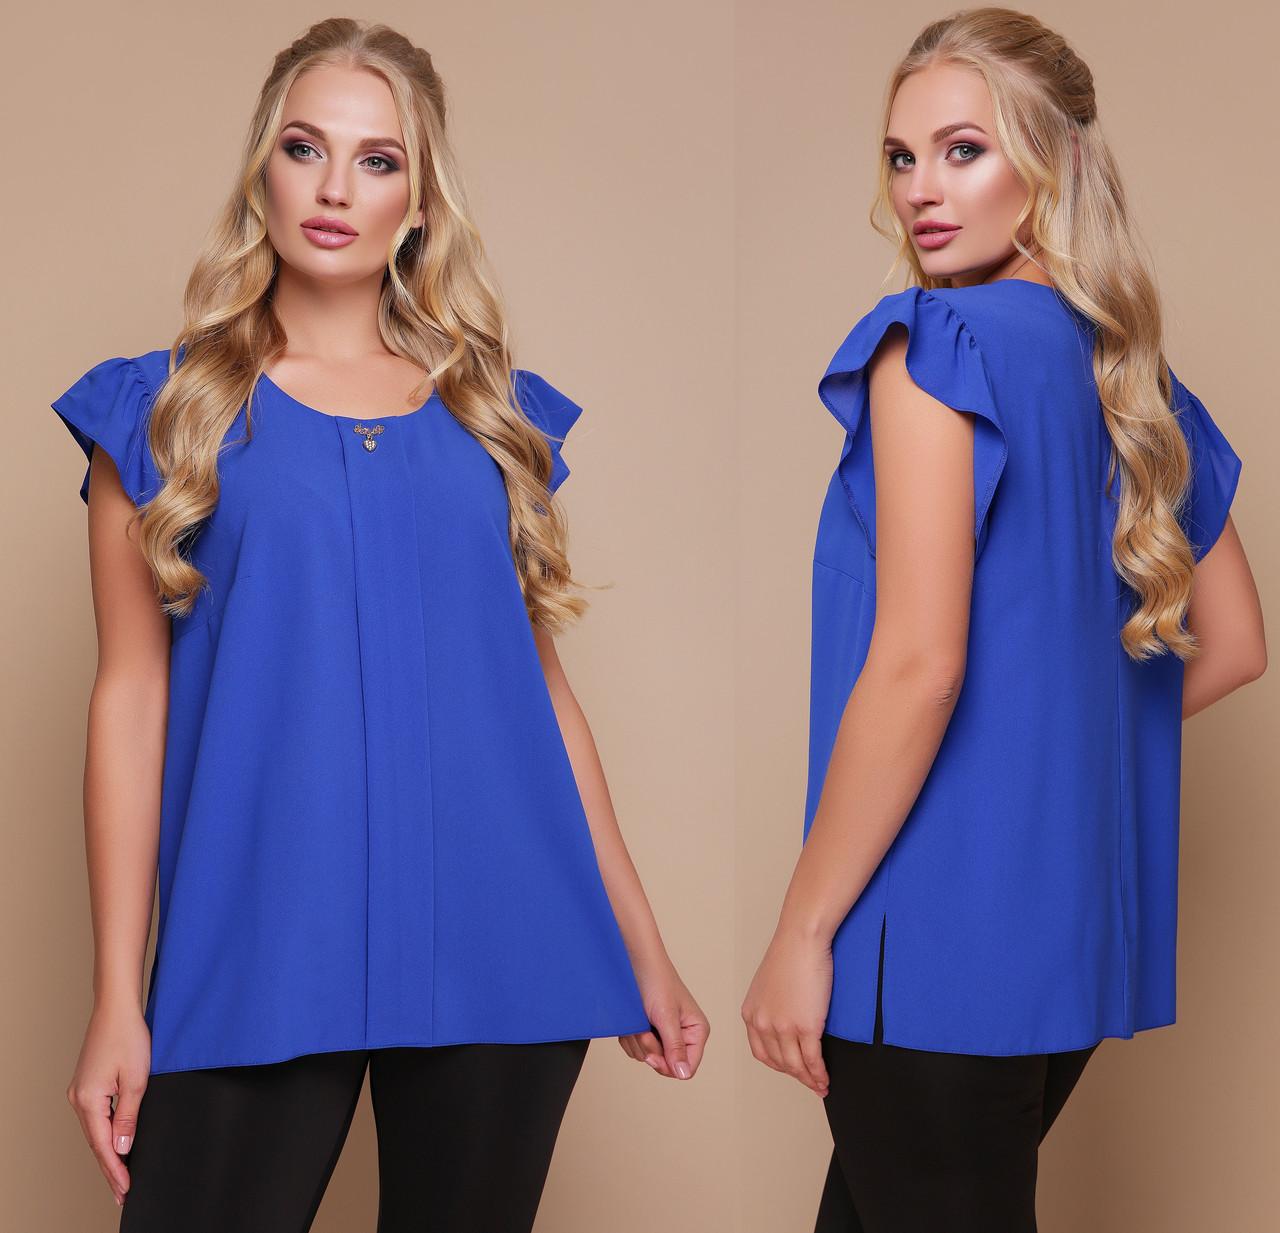 Блузка женская шифоновая нарядная блуза трикотажная летняя больших размеров рукав волан